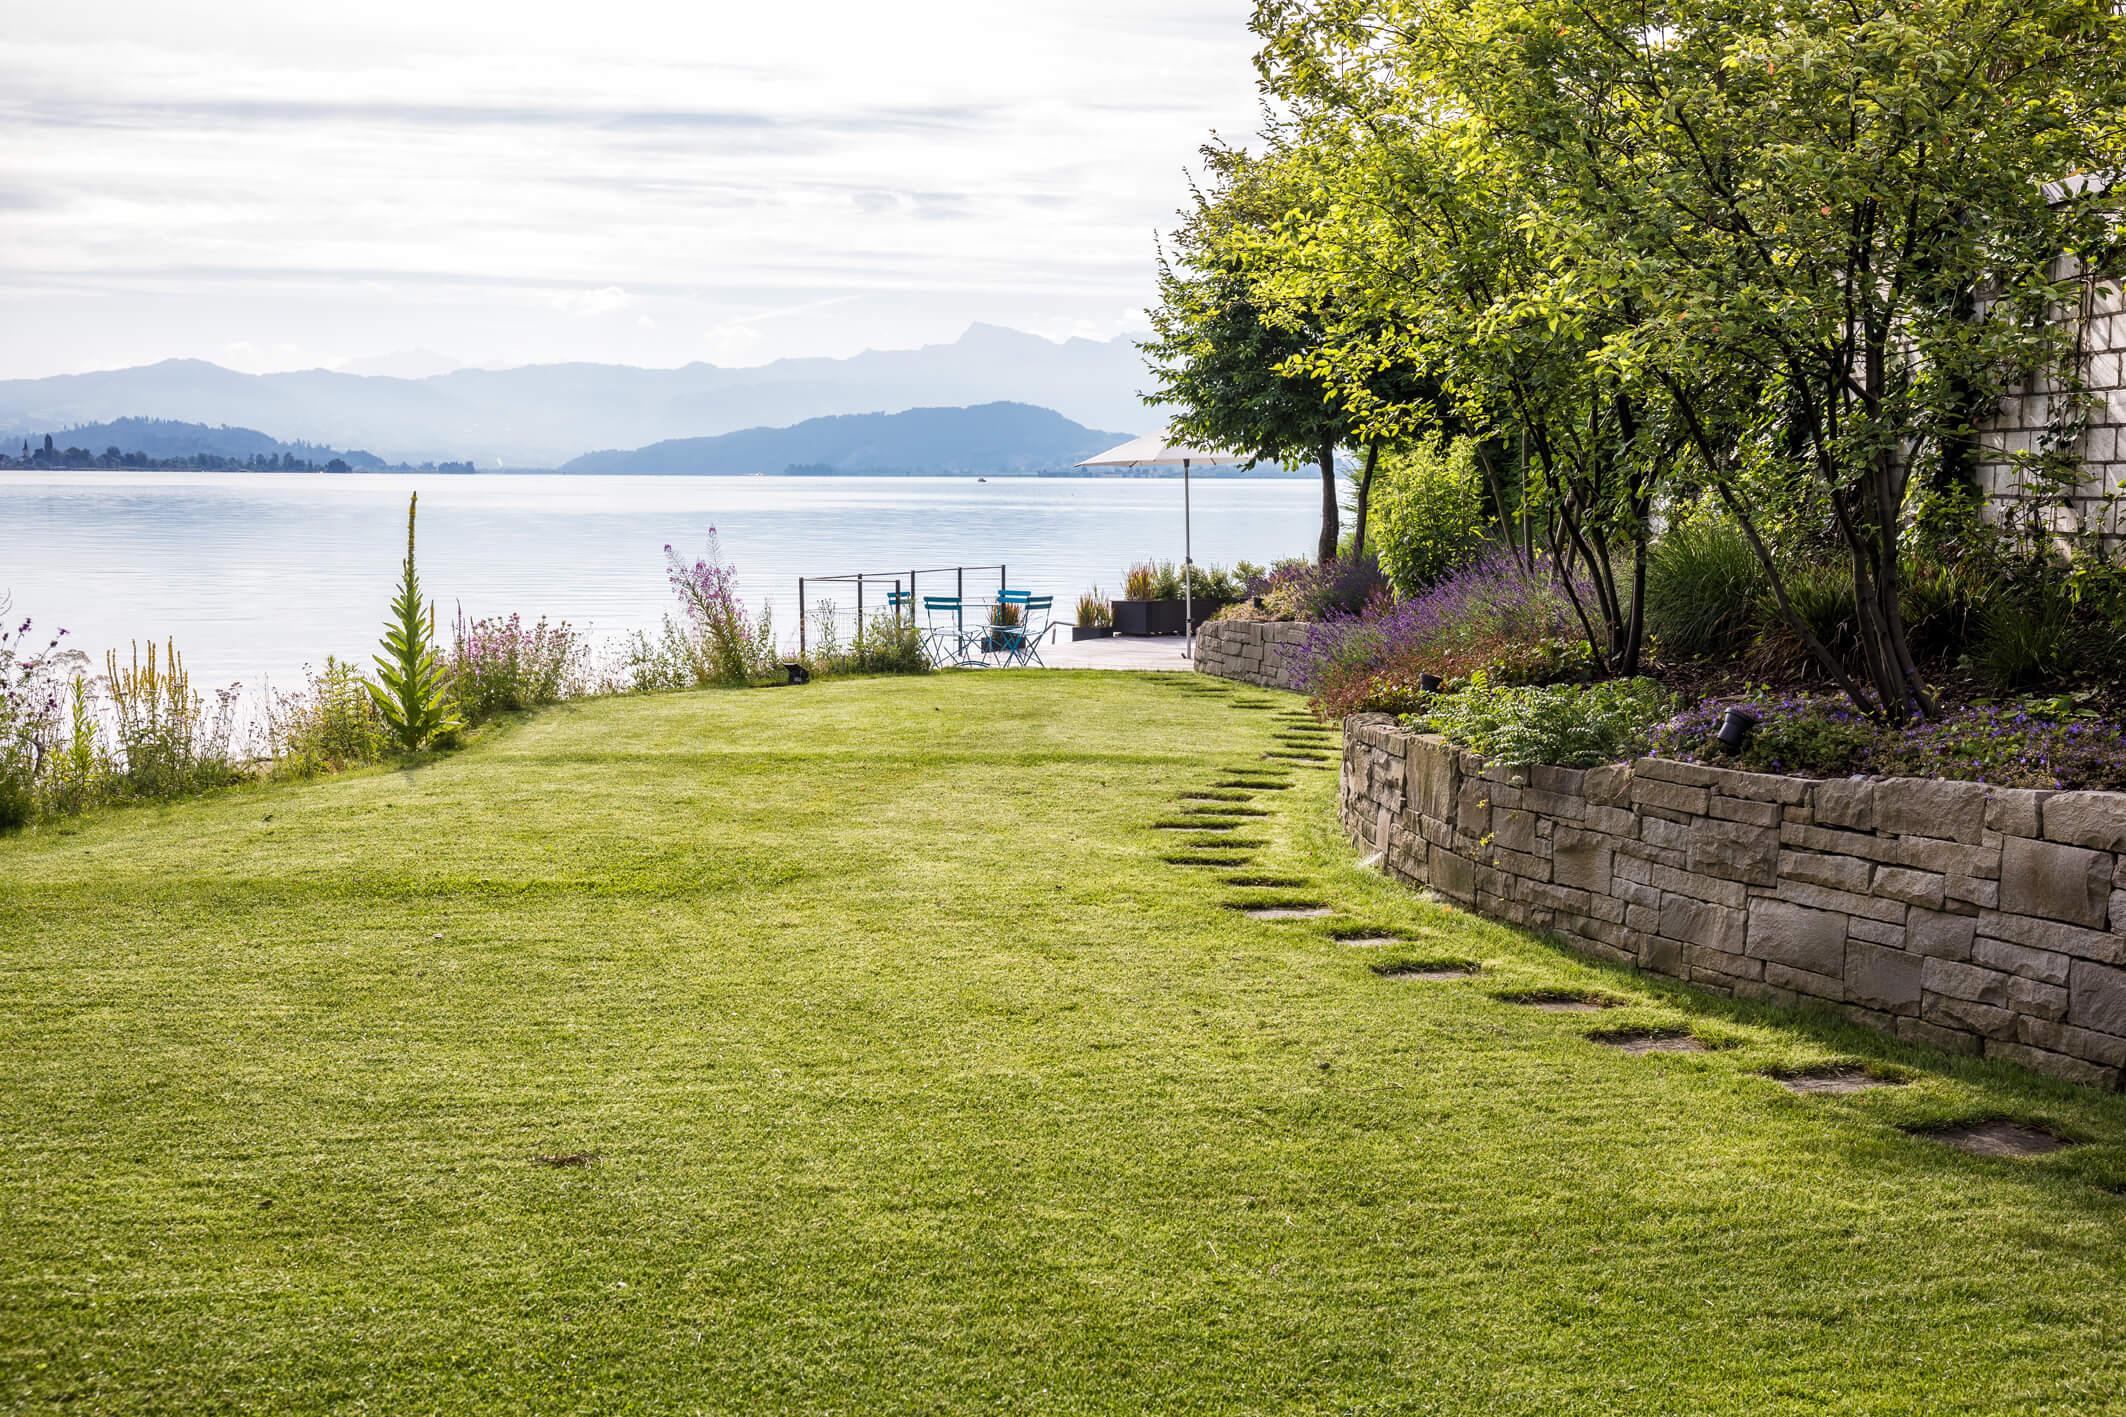 Natürliche Harmonie im Garten ses Hauses direkt am See